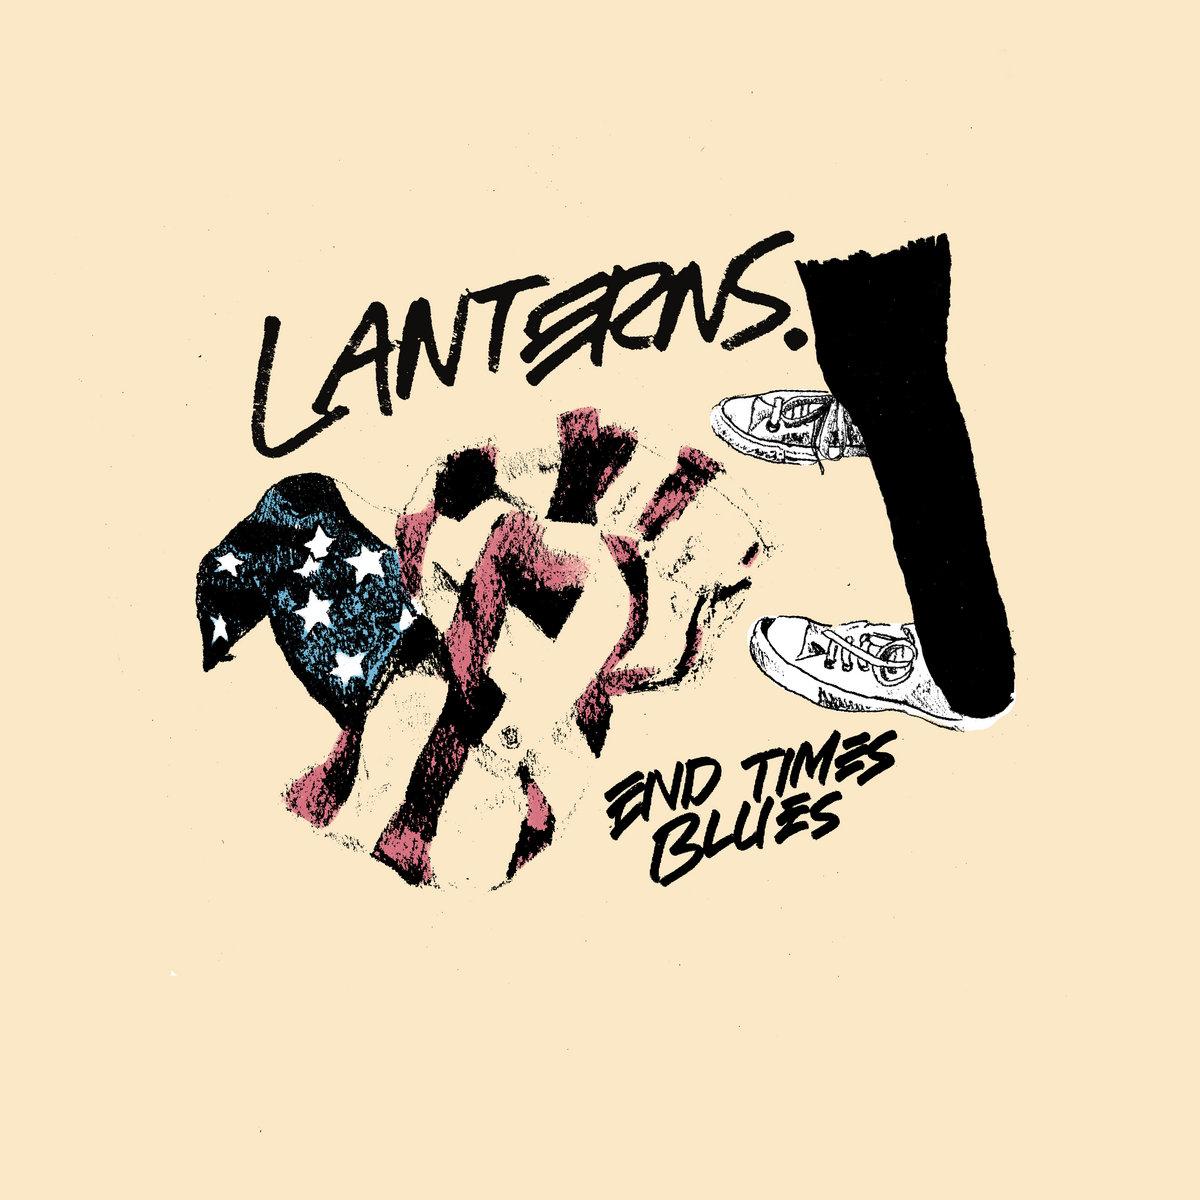 End Times Blues   LANTERNS